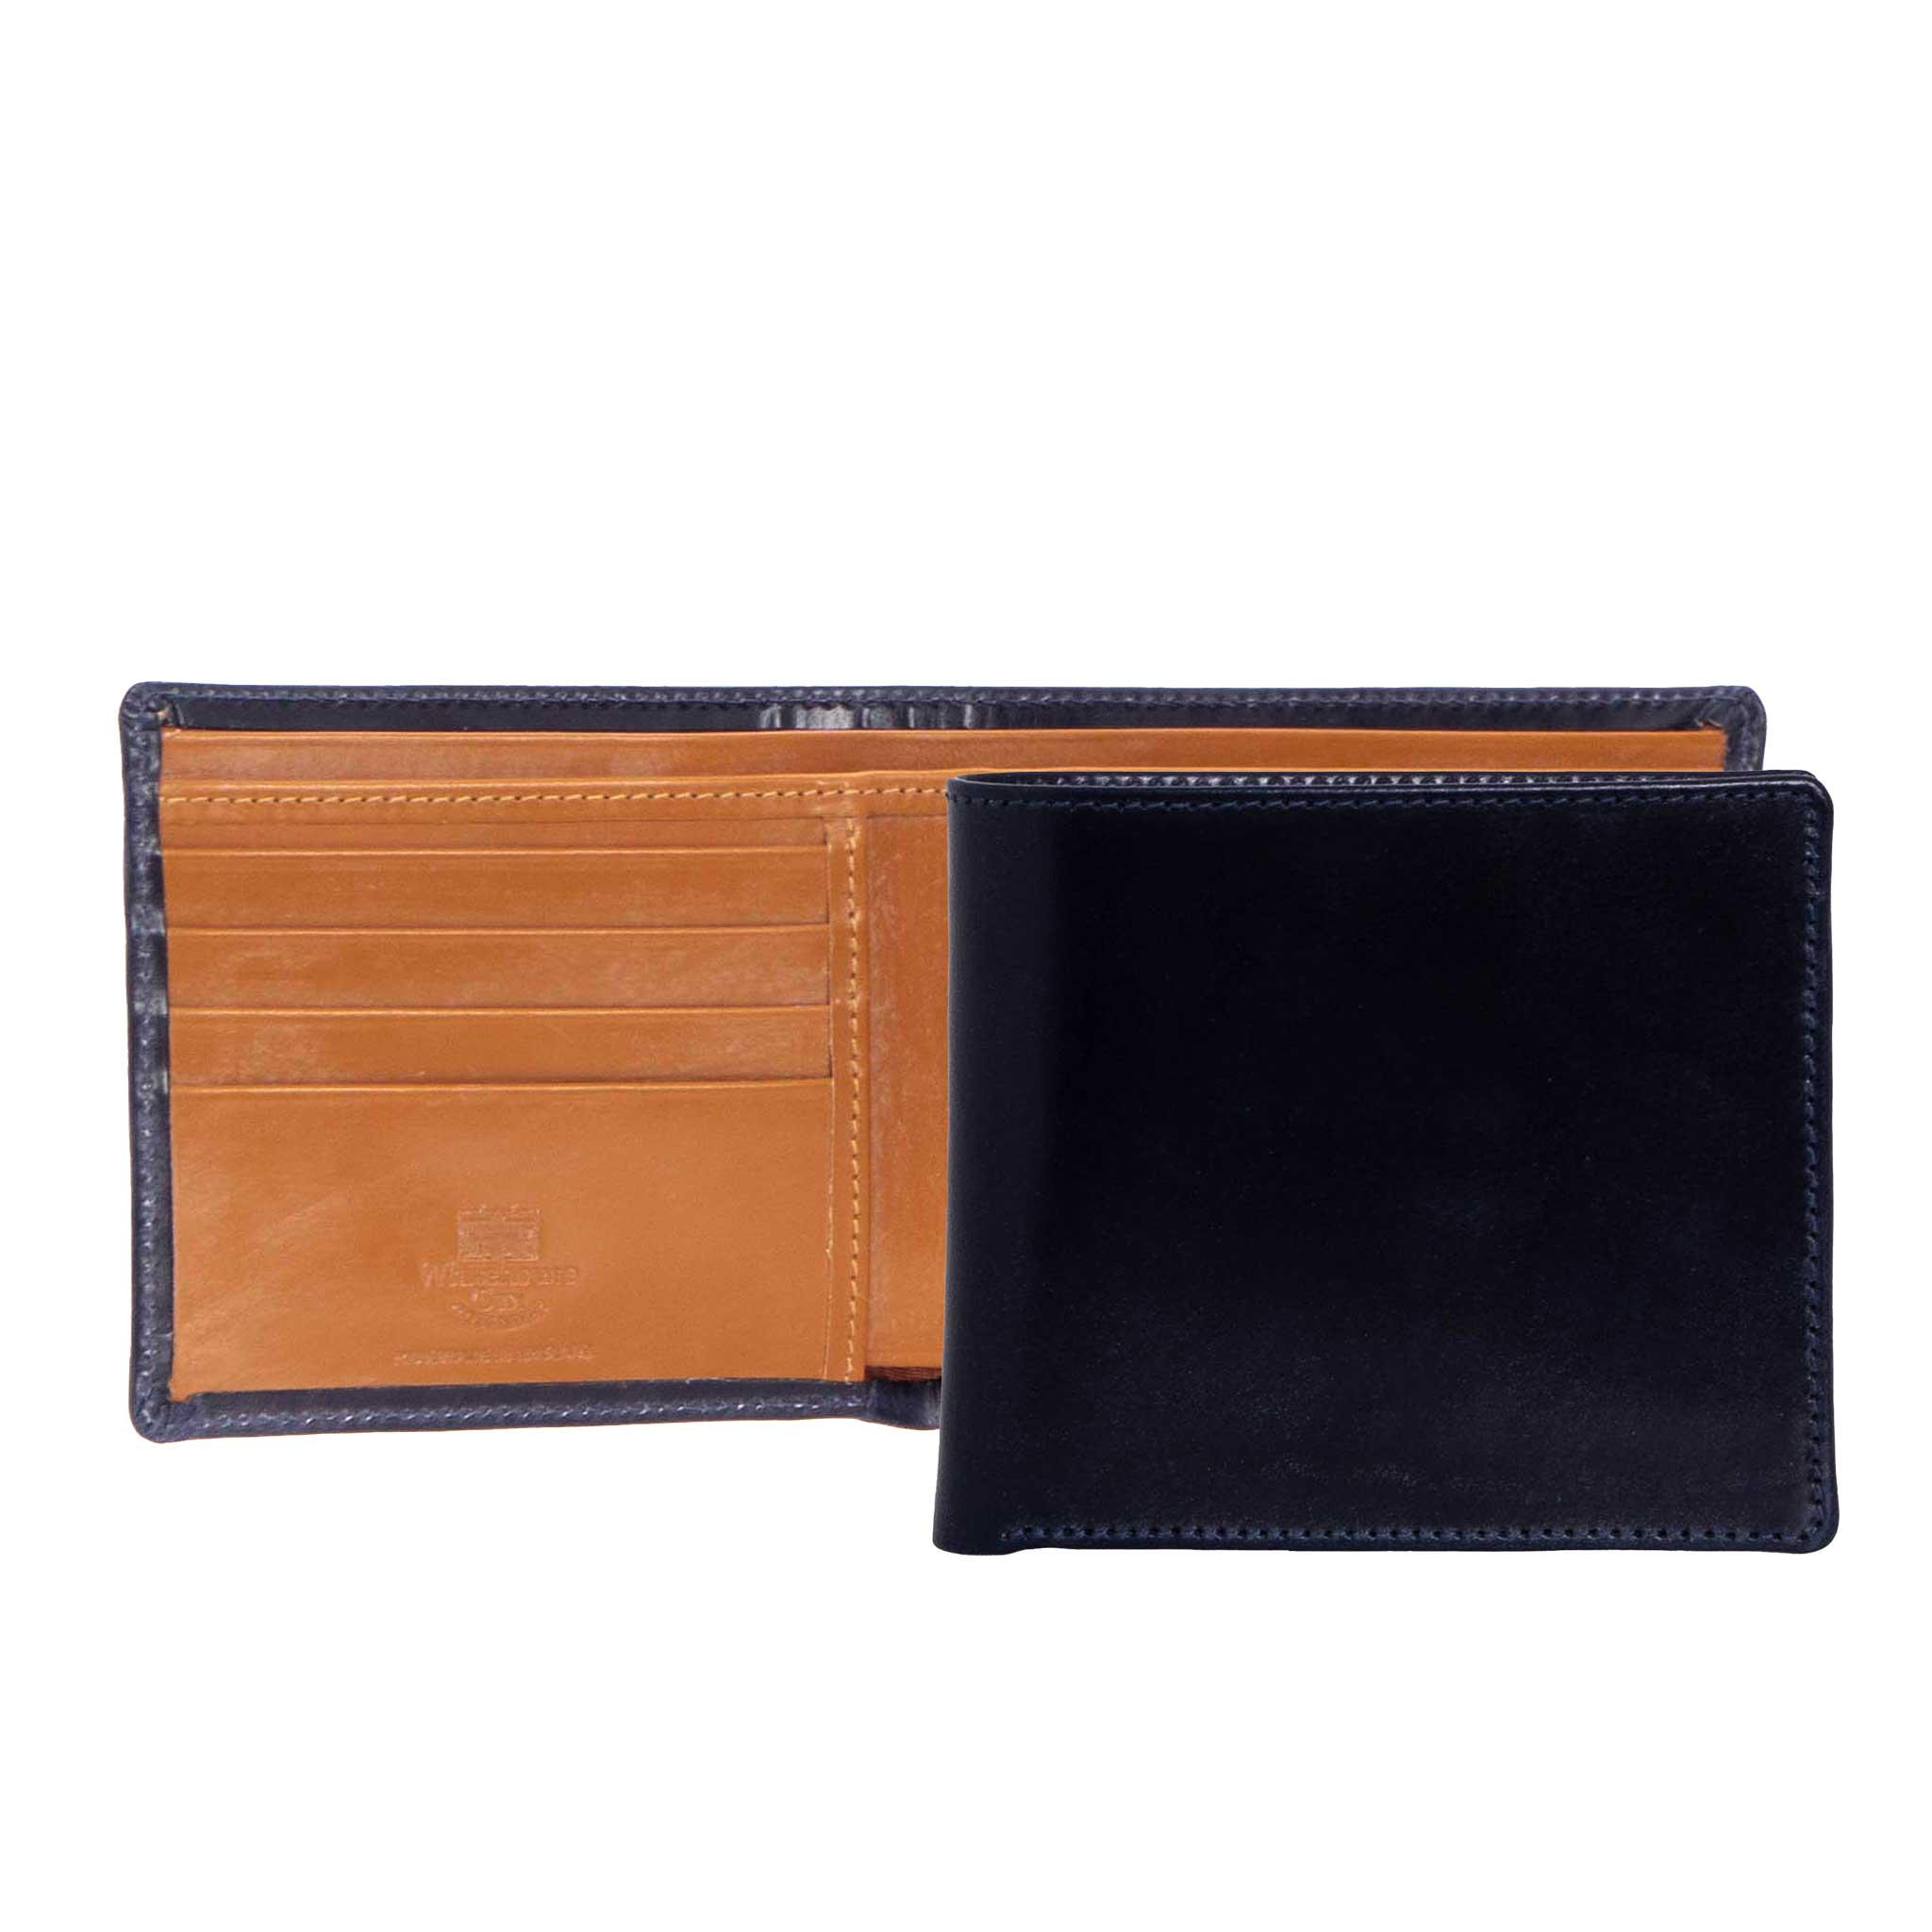 ホワイトハウスコックス Whitehouse Cox 財布 二つ折り財布(小銭入れ付) ネイビー/ニュートン COIN WALLET S7532 NAVY/NEWTON (JP)【英国】